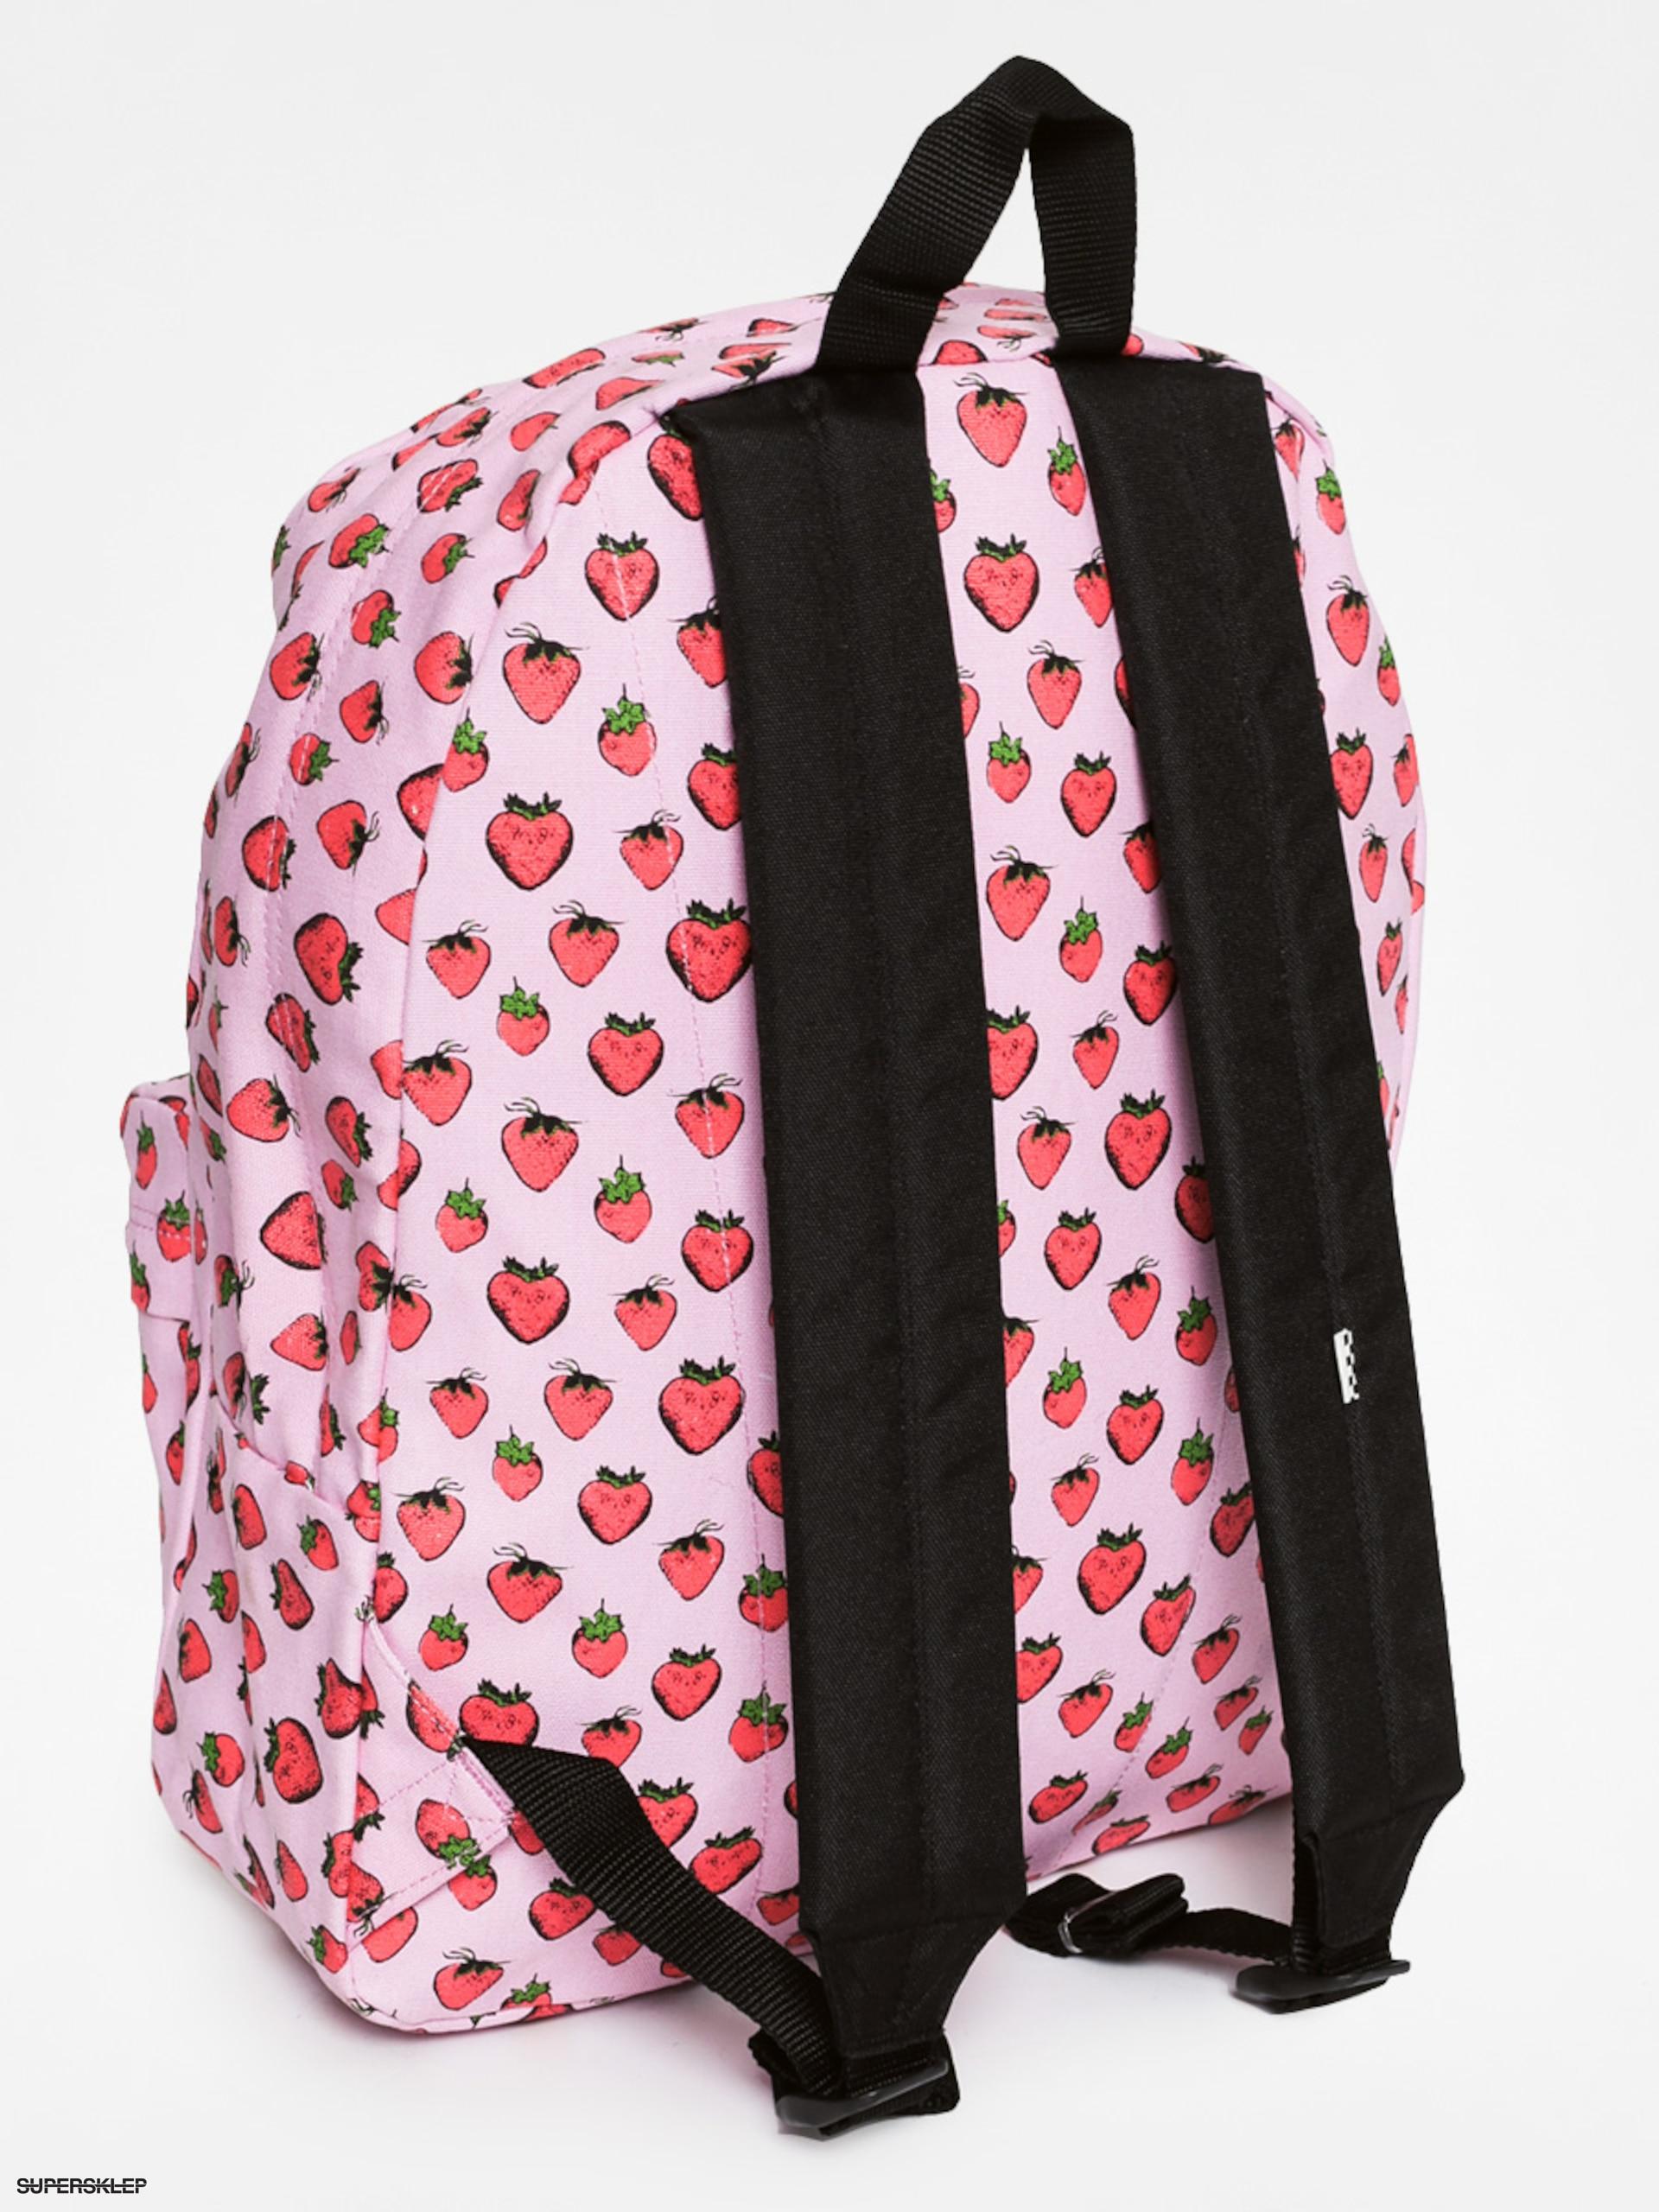 plecak vans strawberry